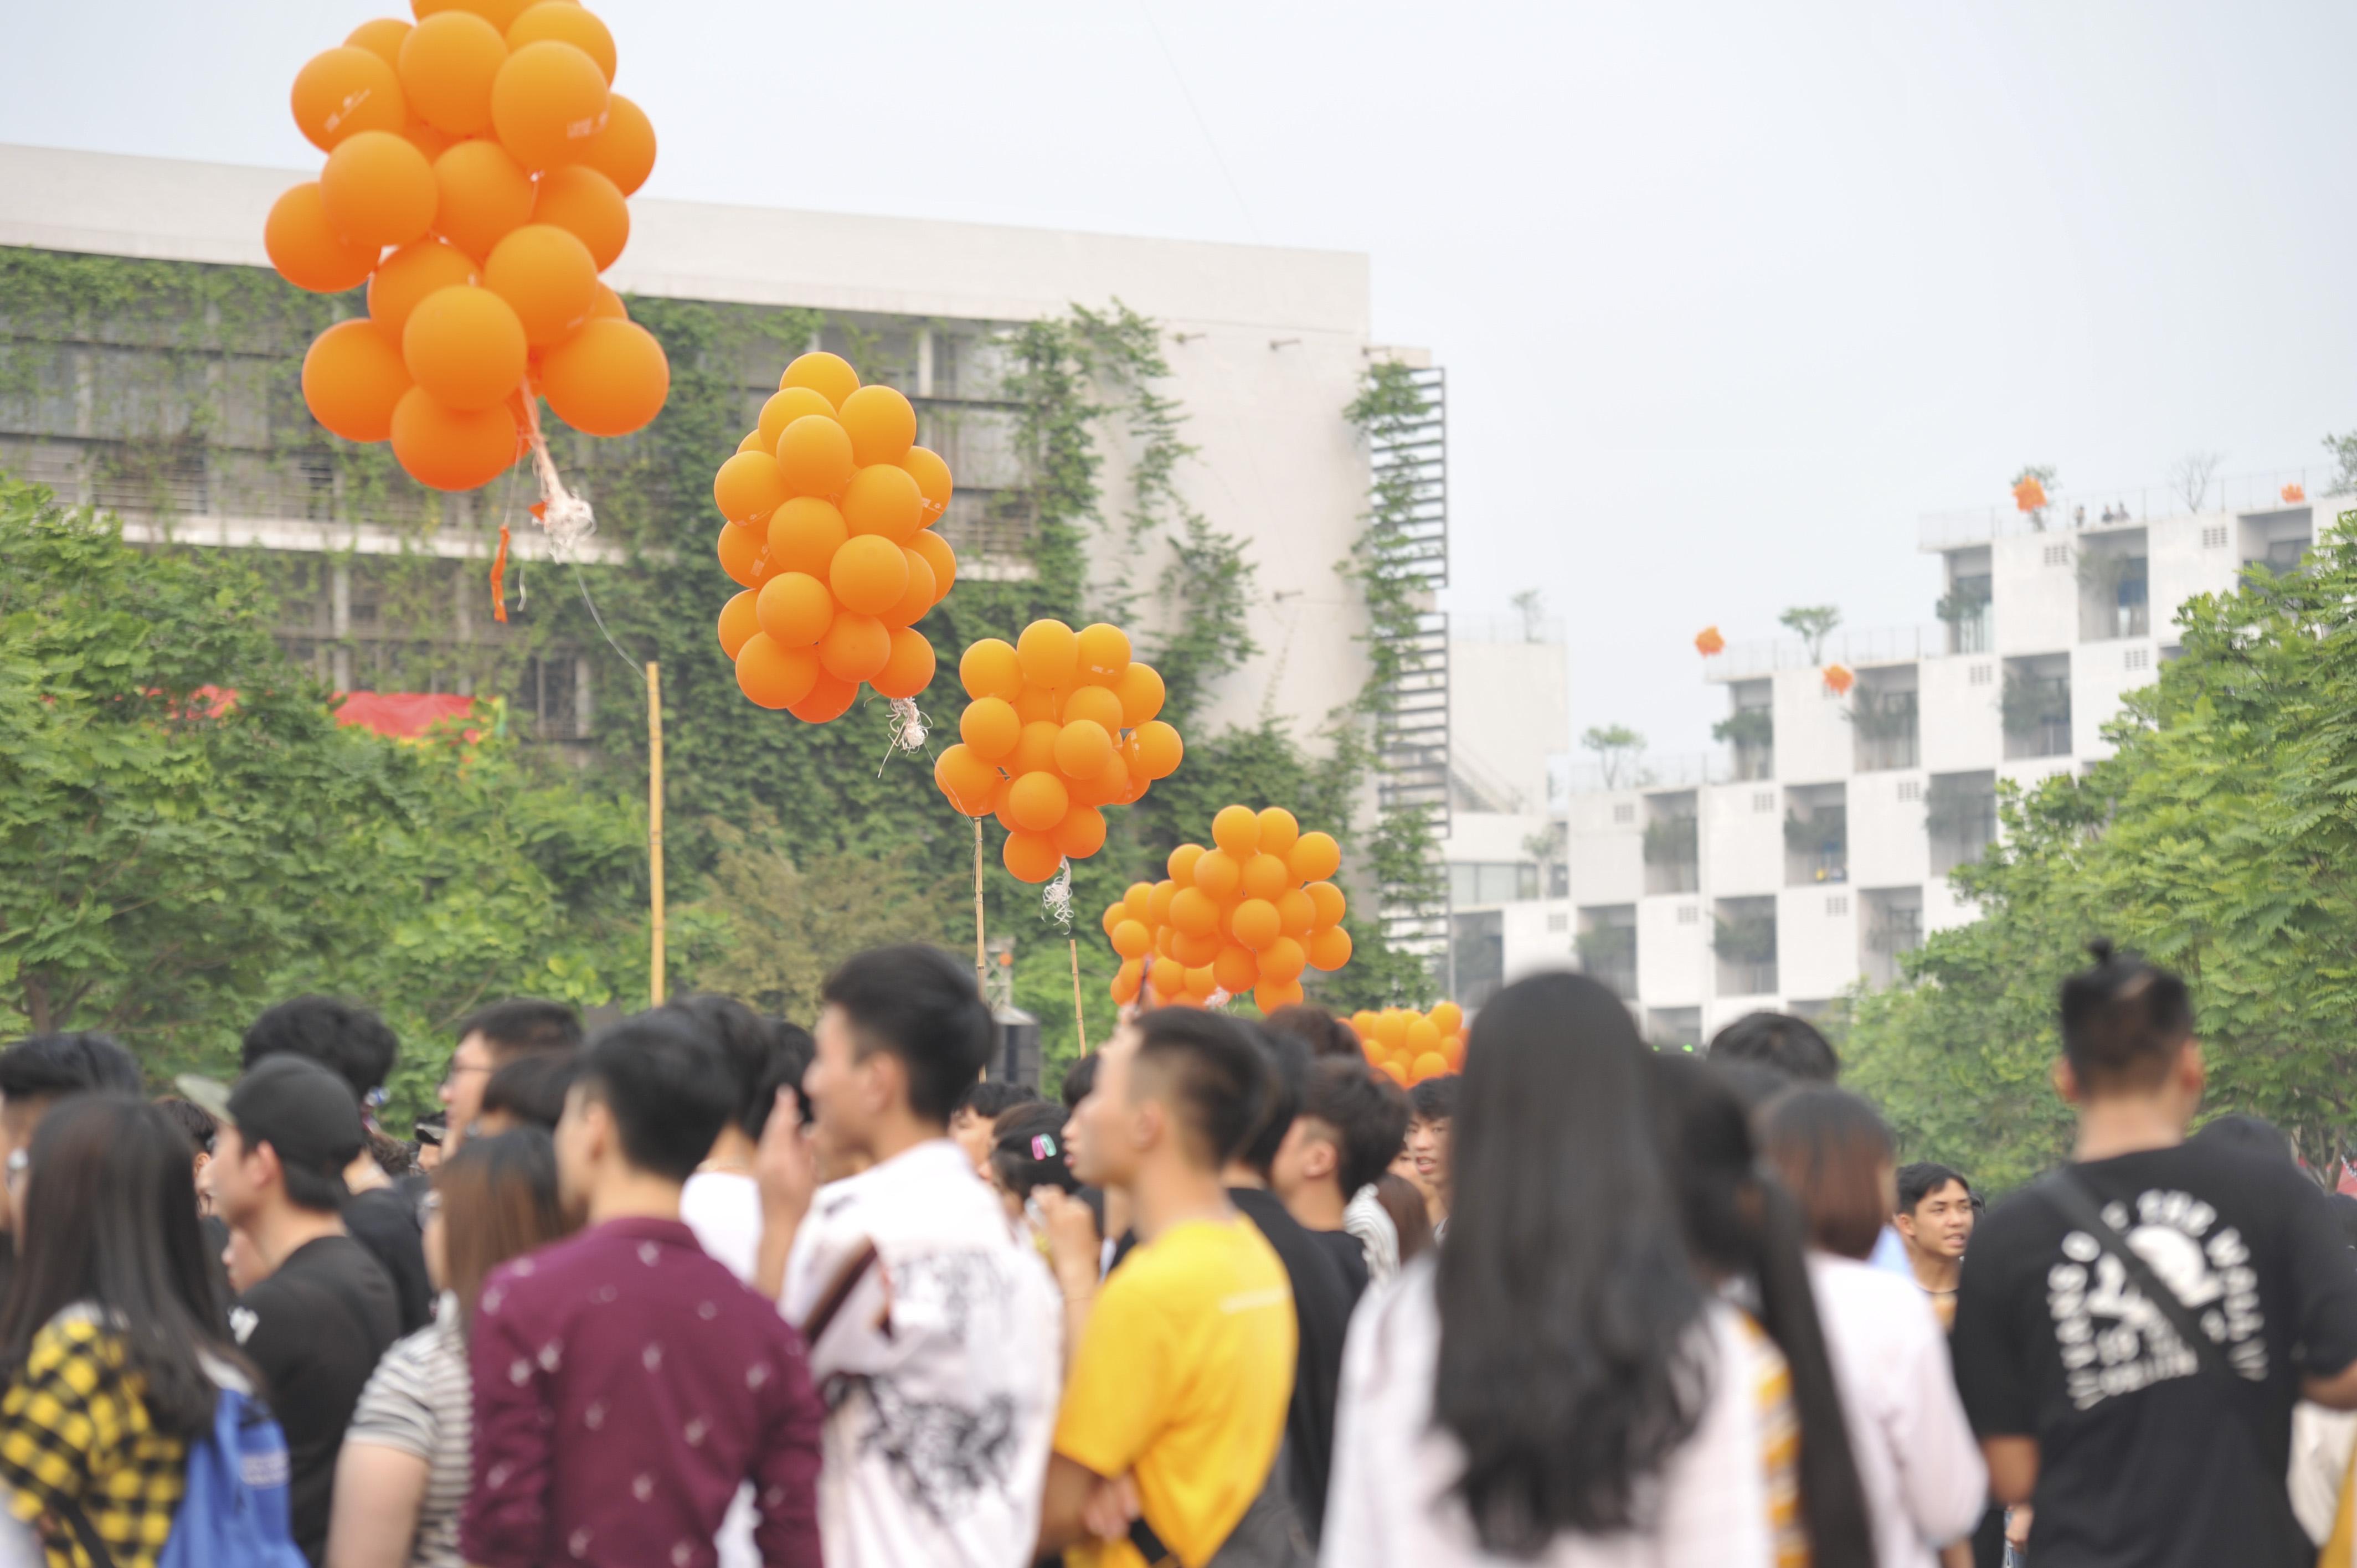 Thành phần hào hứng tham gia chương trình chủ yếu là học sinh từ 200 trường THPT từ Hà Nội, Hải Phòng, Nam Định, Thái Bình, Hải Dương, Bắc Ninh… và học sinh, sinh viên FPT.